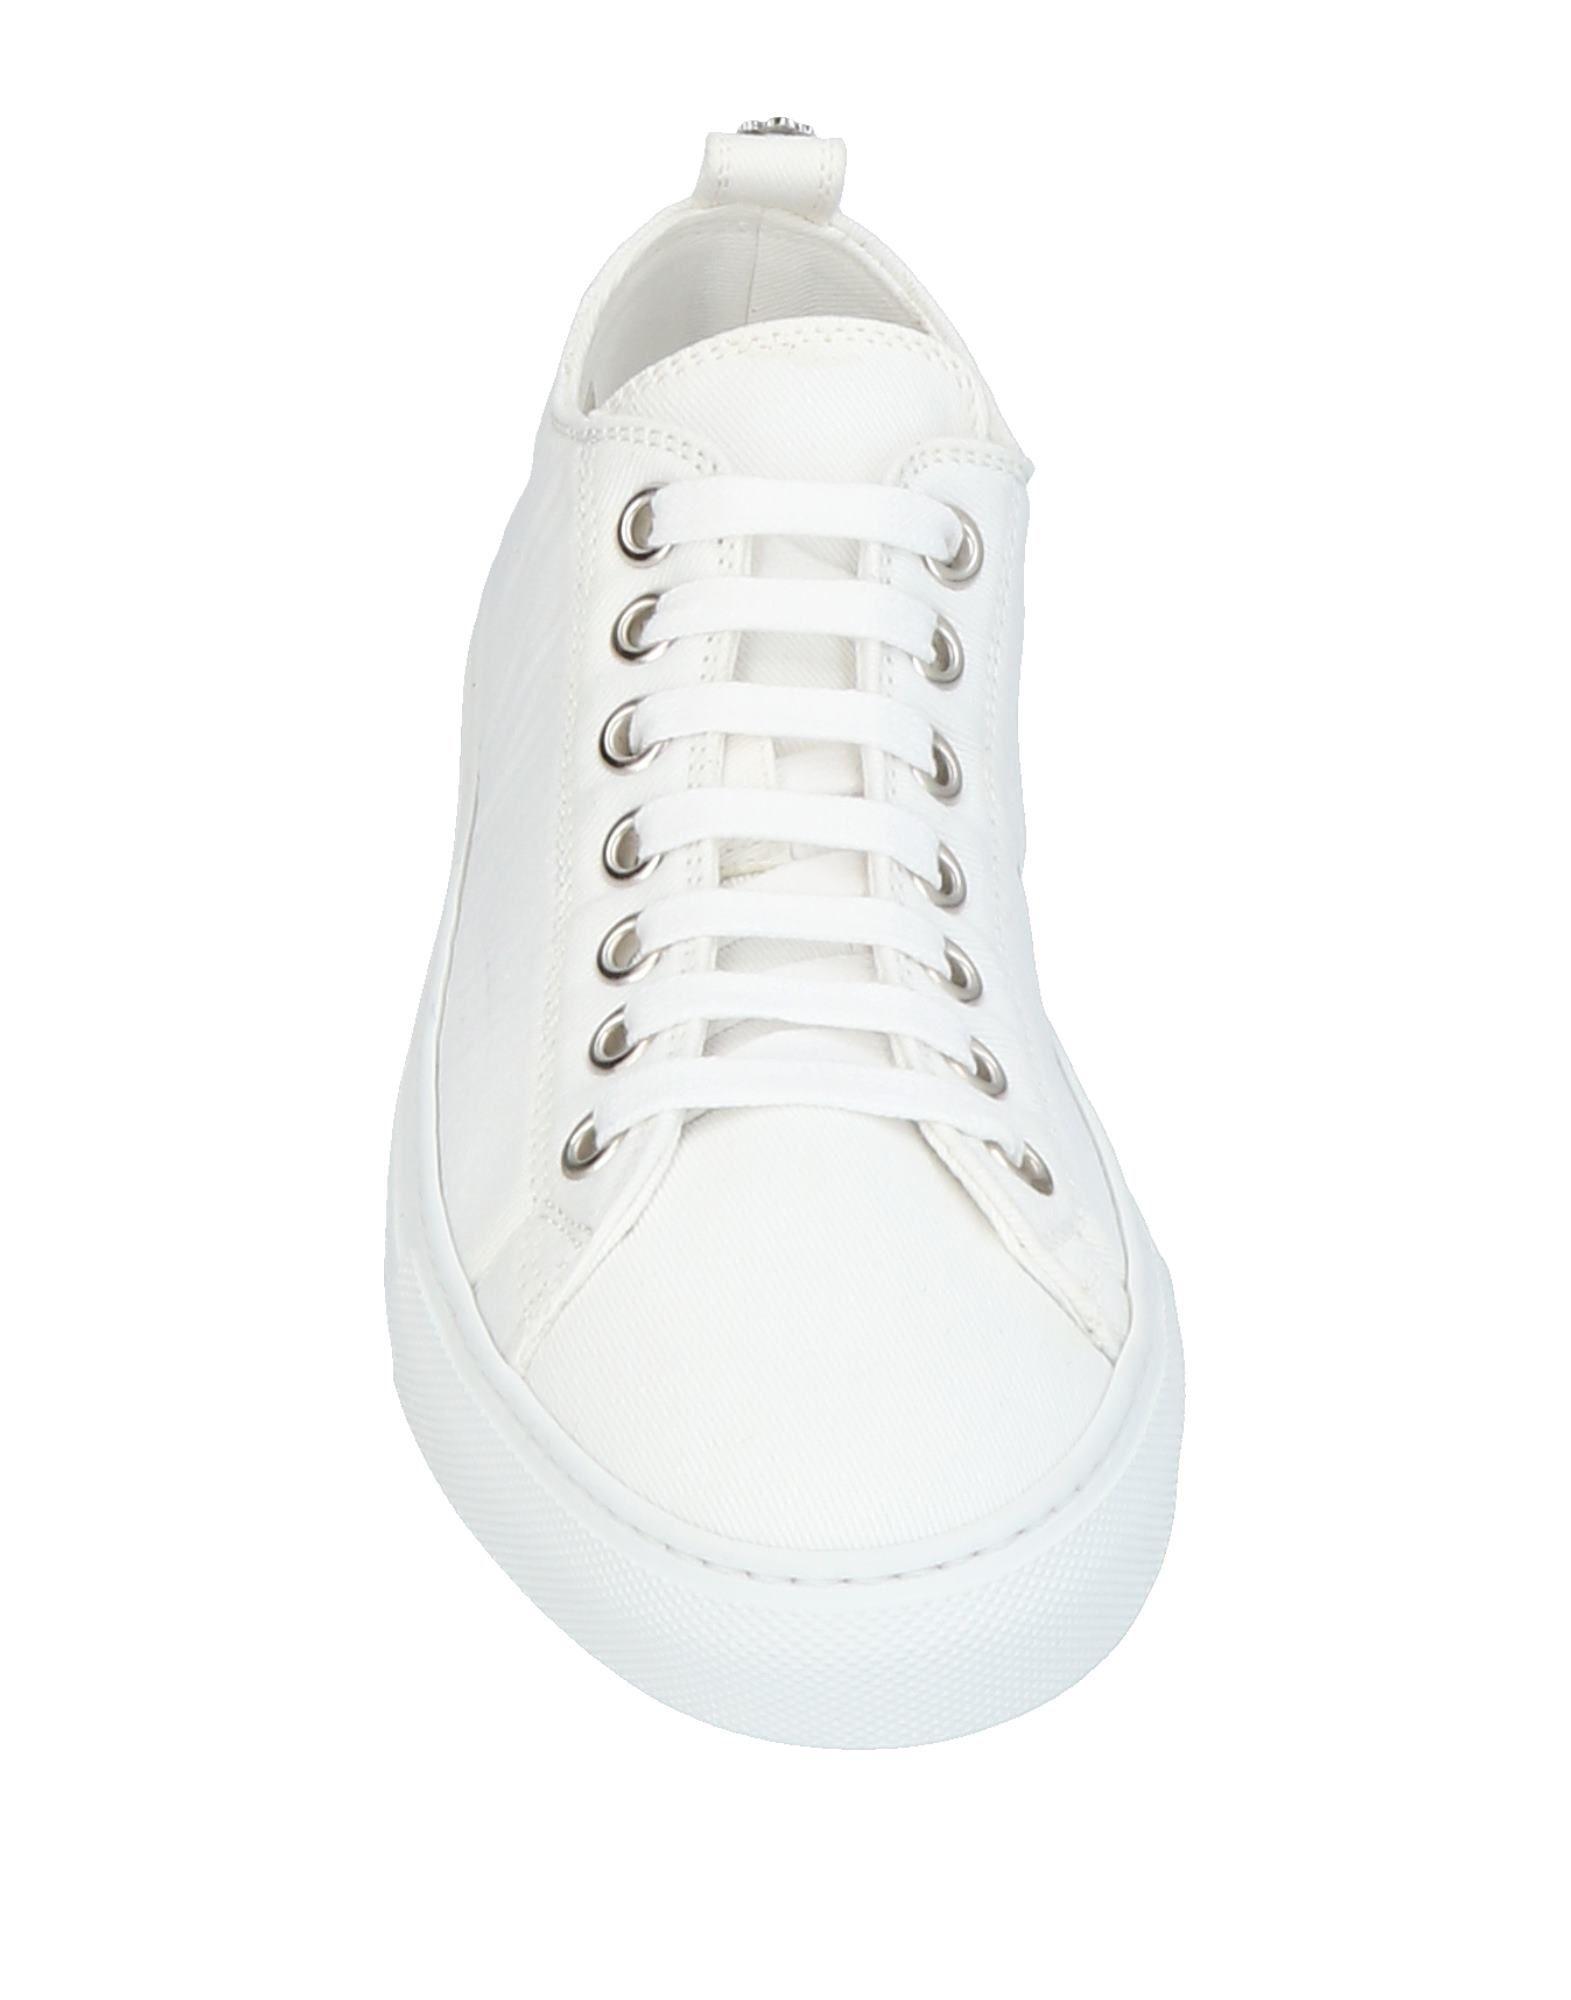 Dsquared2 Sneakers Damen Schuhe  11428443WPGut aussehende strapazierfähige Schuhe Damen daf950